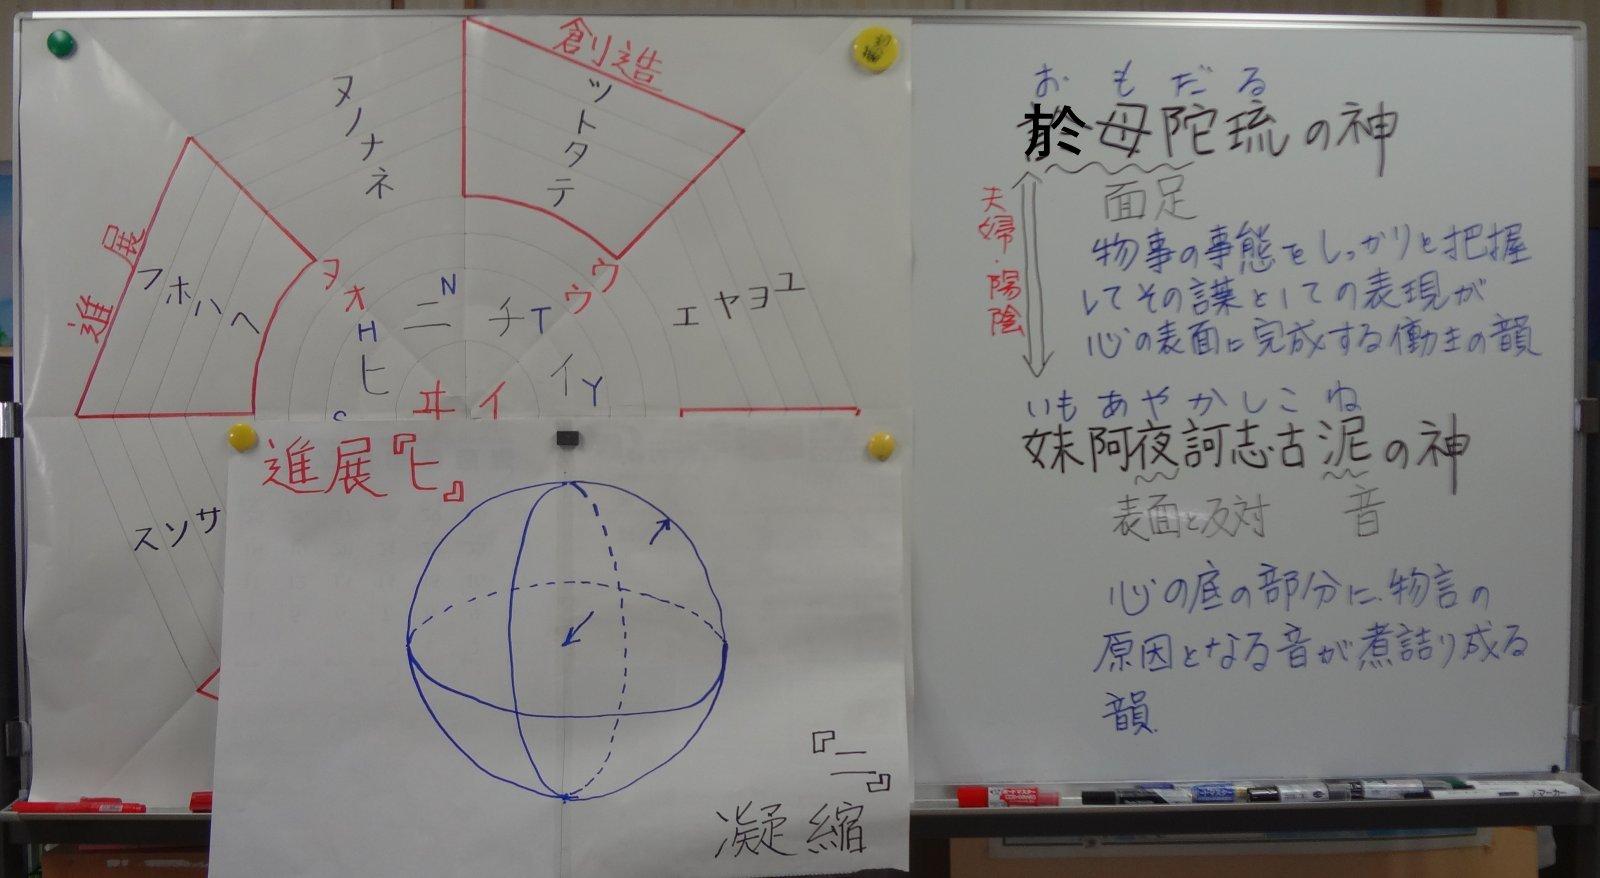 http://www.g-labo.co.jp/document/19th_board.JPG